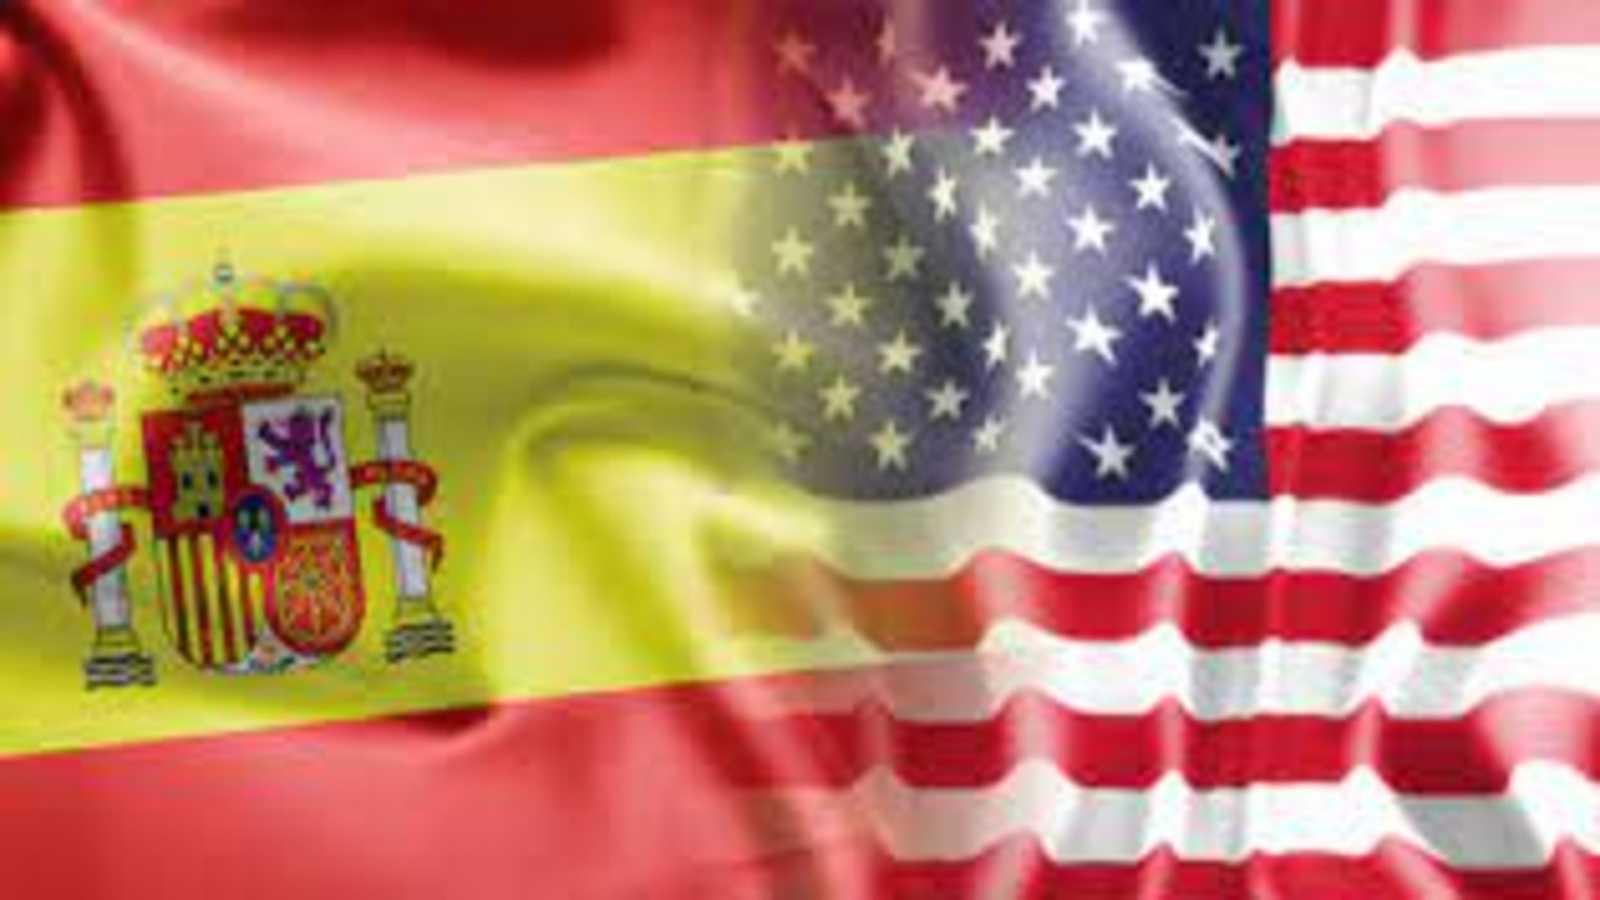 Radar 3.0 en Radio 5 - España, Aliado de Alta Importancia para EE.UU - 28/03/21 - Escuchar ahora